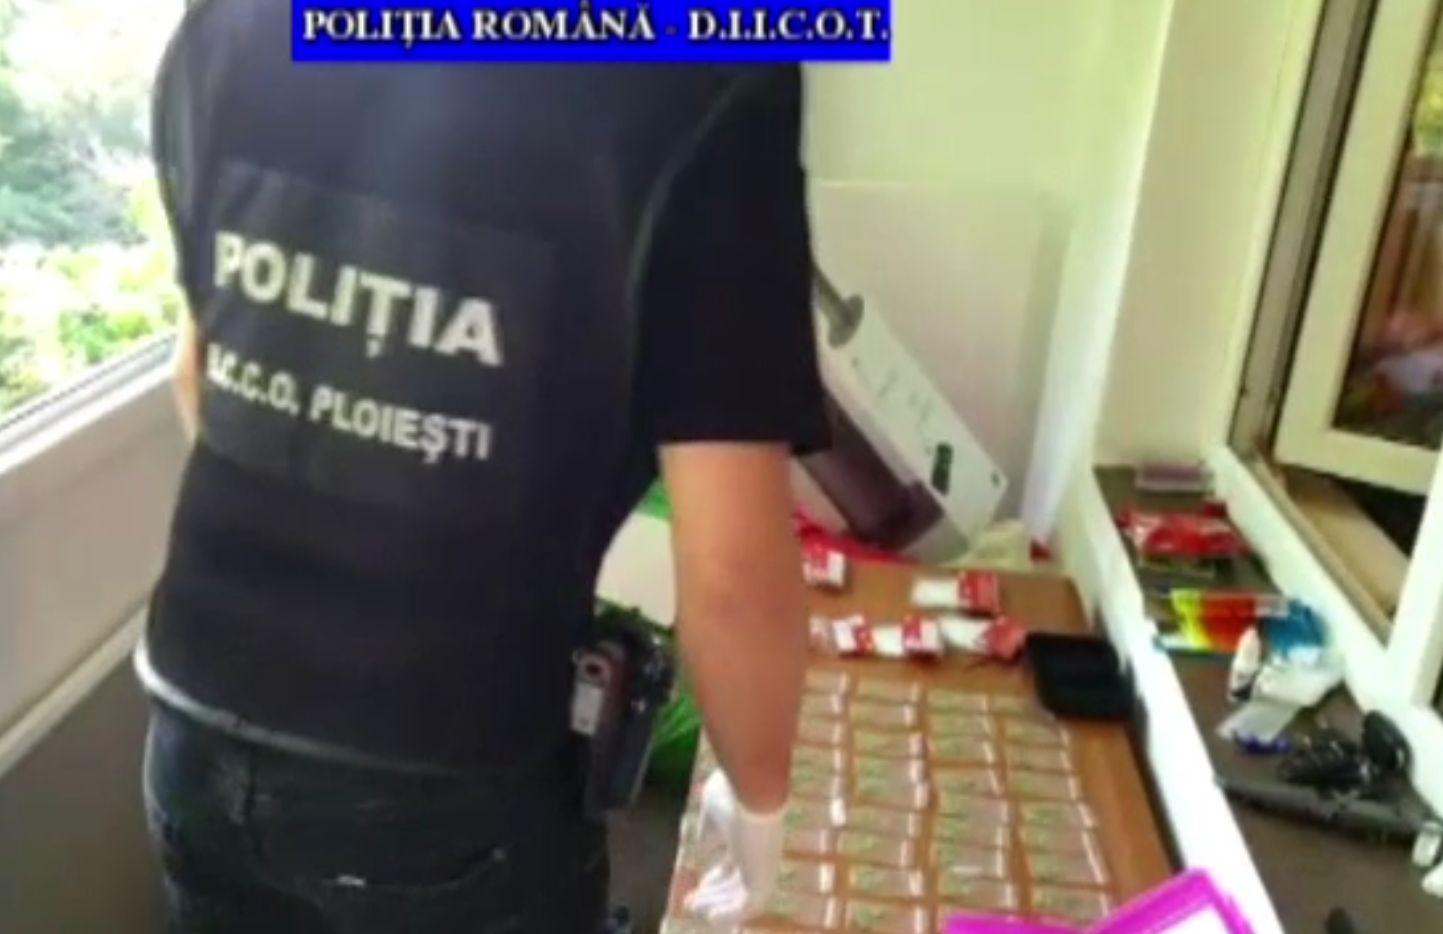 Percheziții la dealeri de droguri, în Ploiești. Rețeaua livra în trei județe